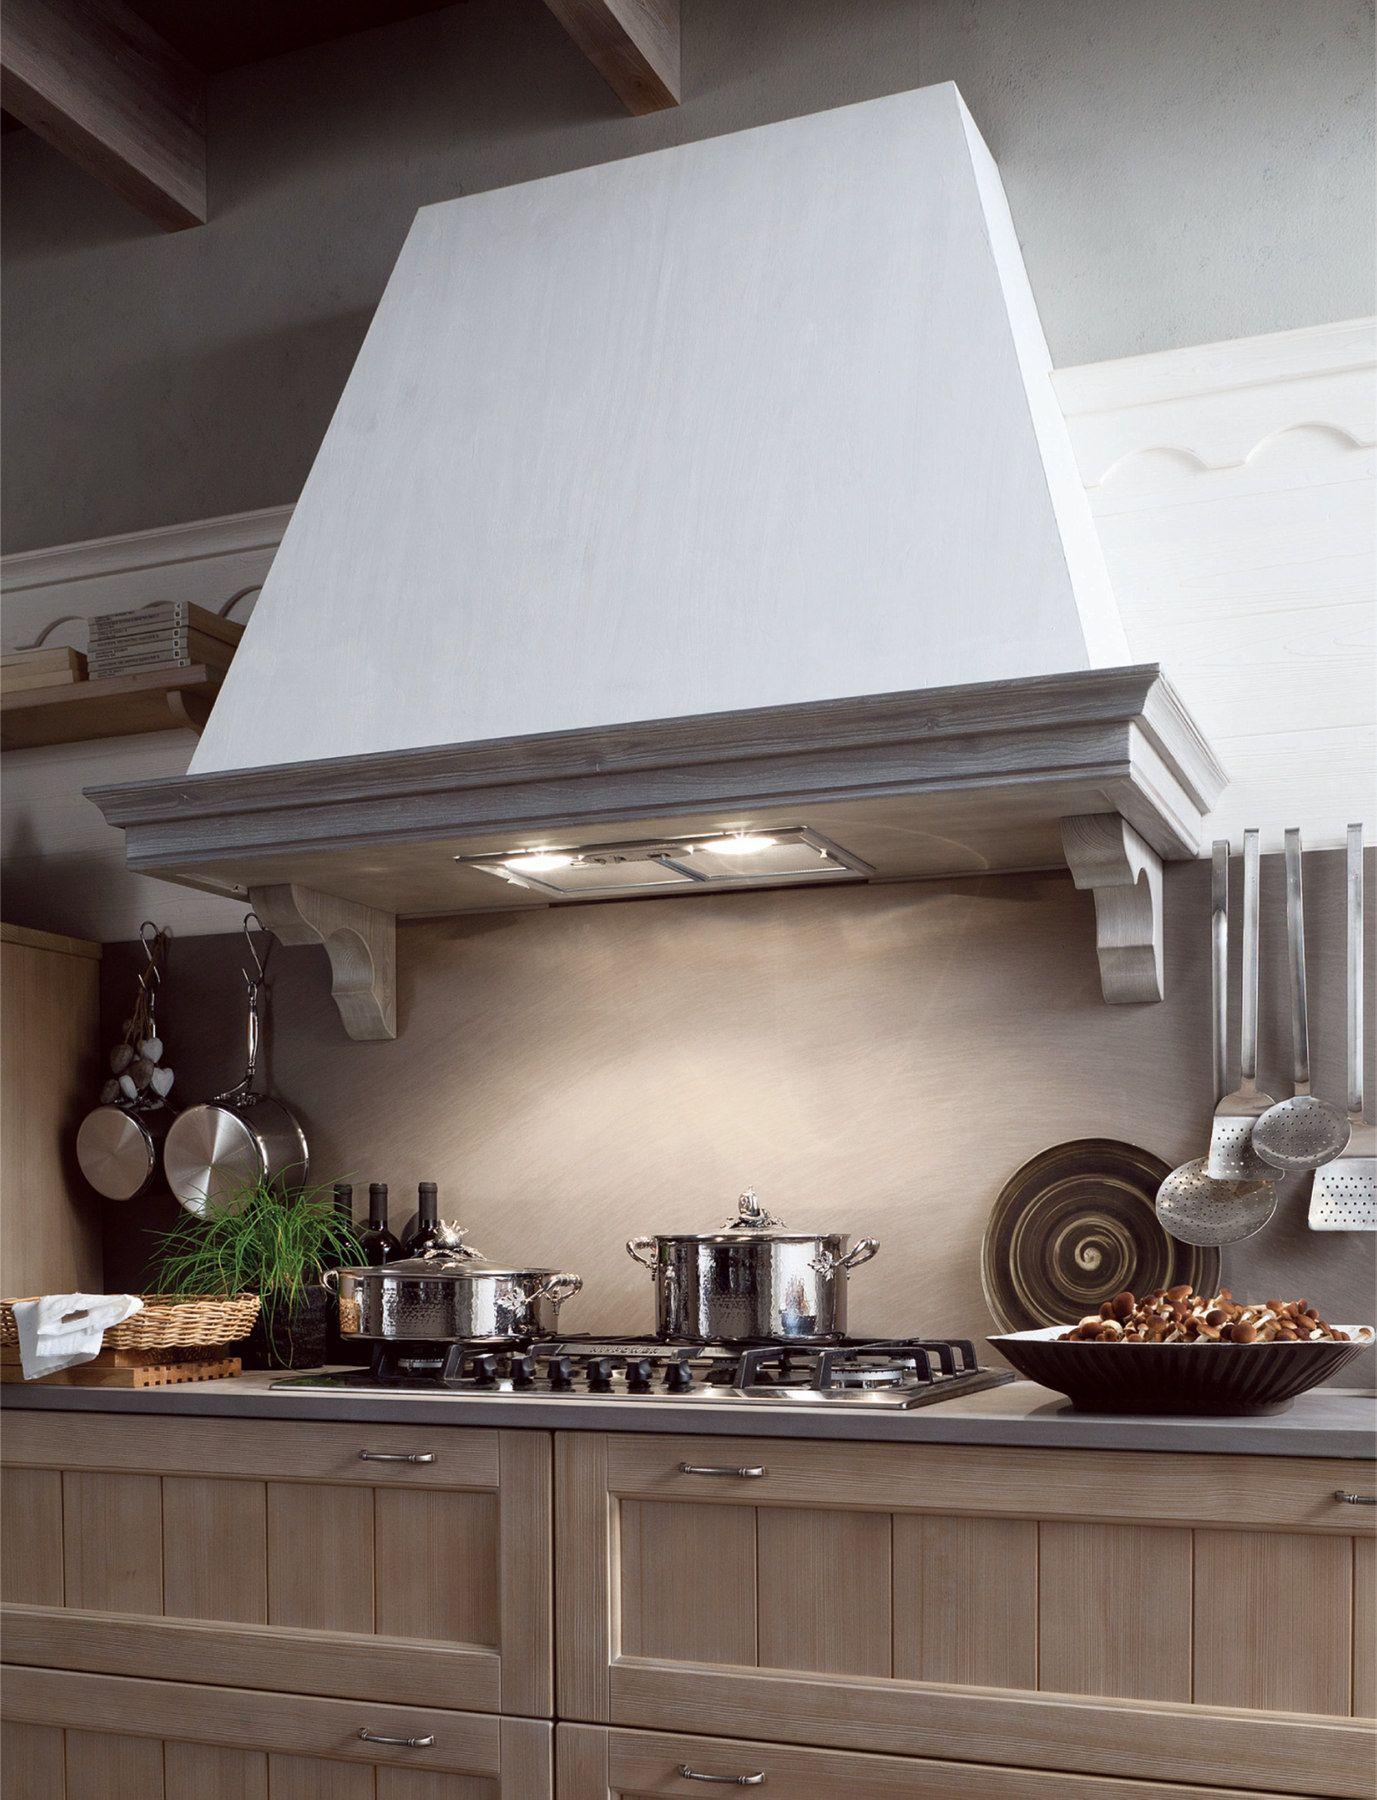 Cucina in stile rustico con penisola TABIÀ T01 by Scandola Mobili